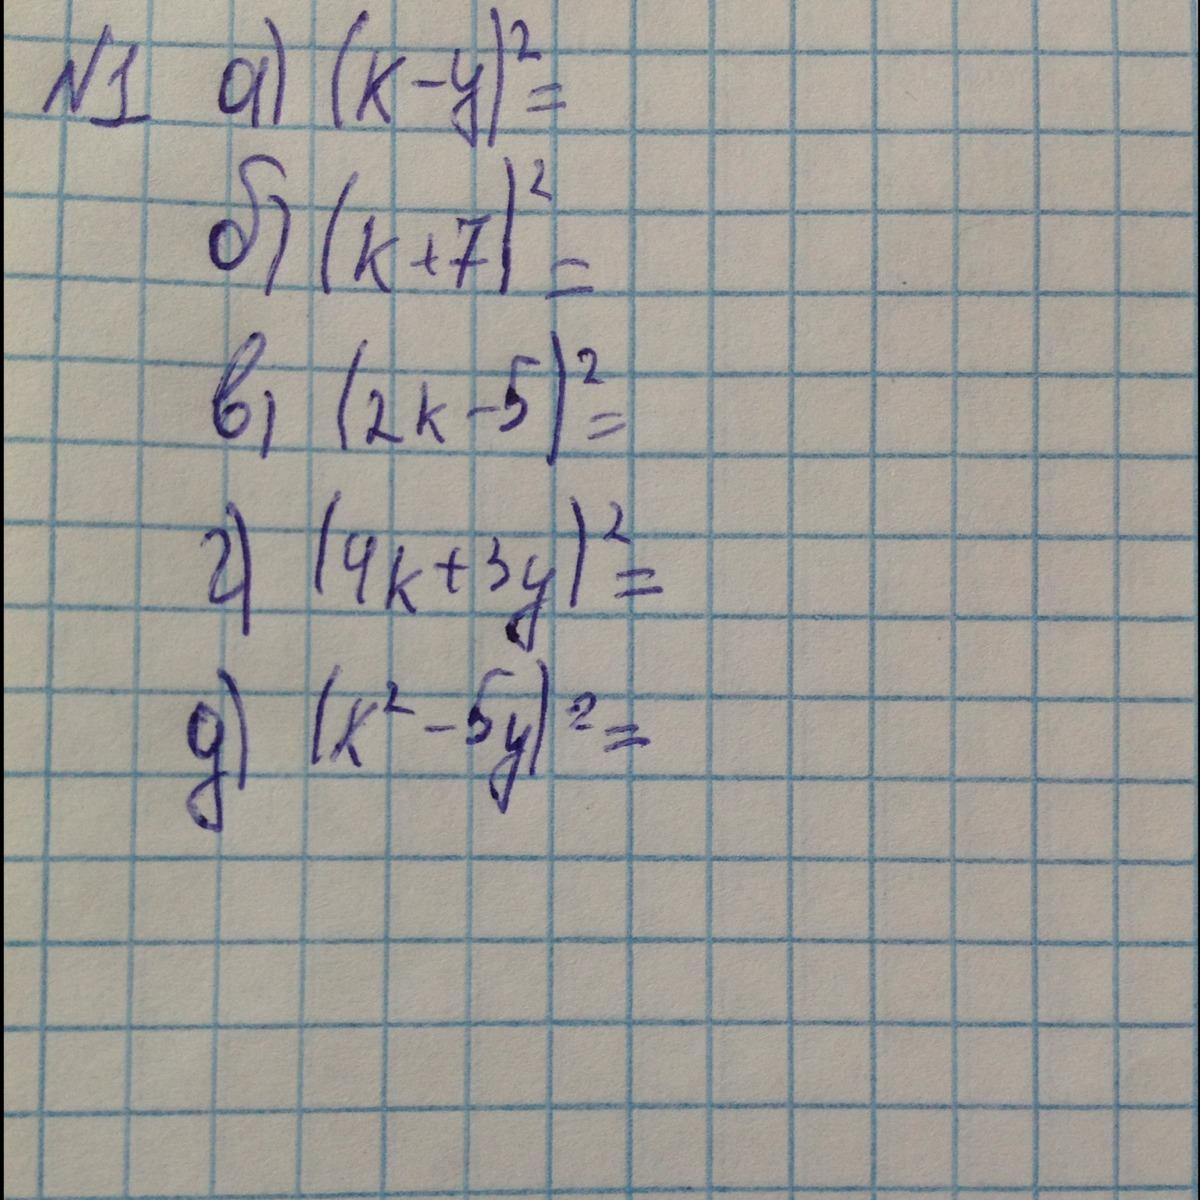 Решите пж это формула сокращённого умножения?